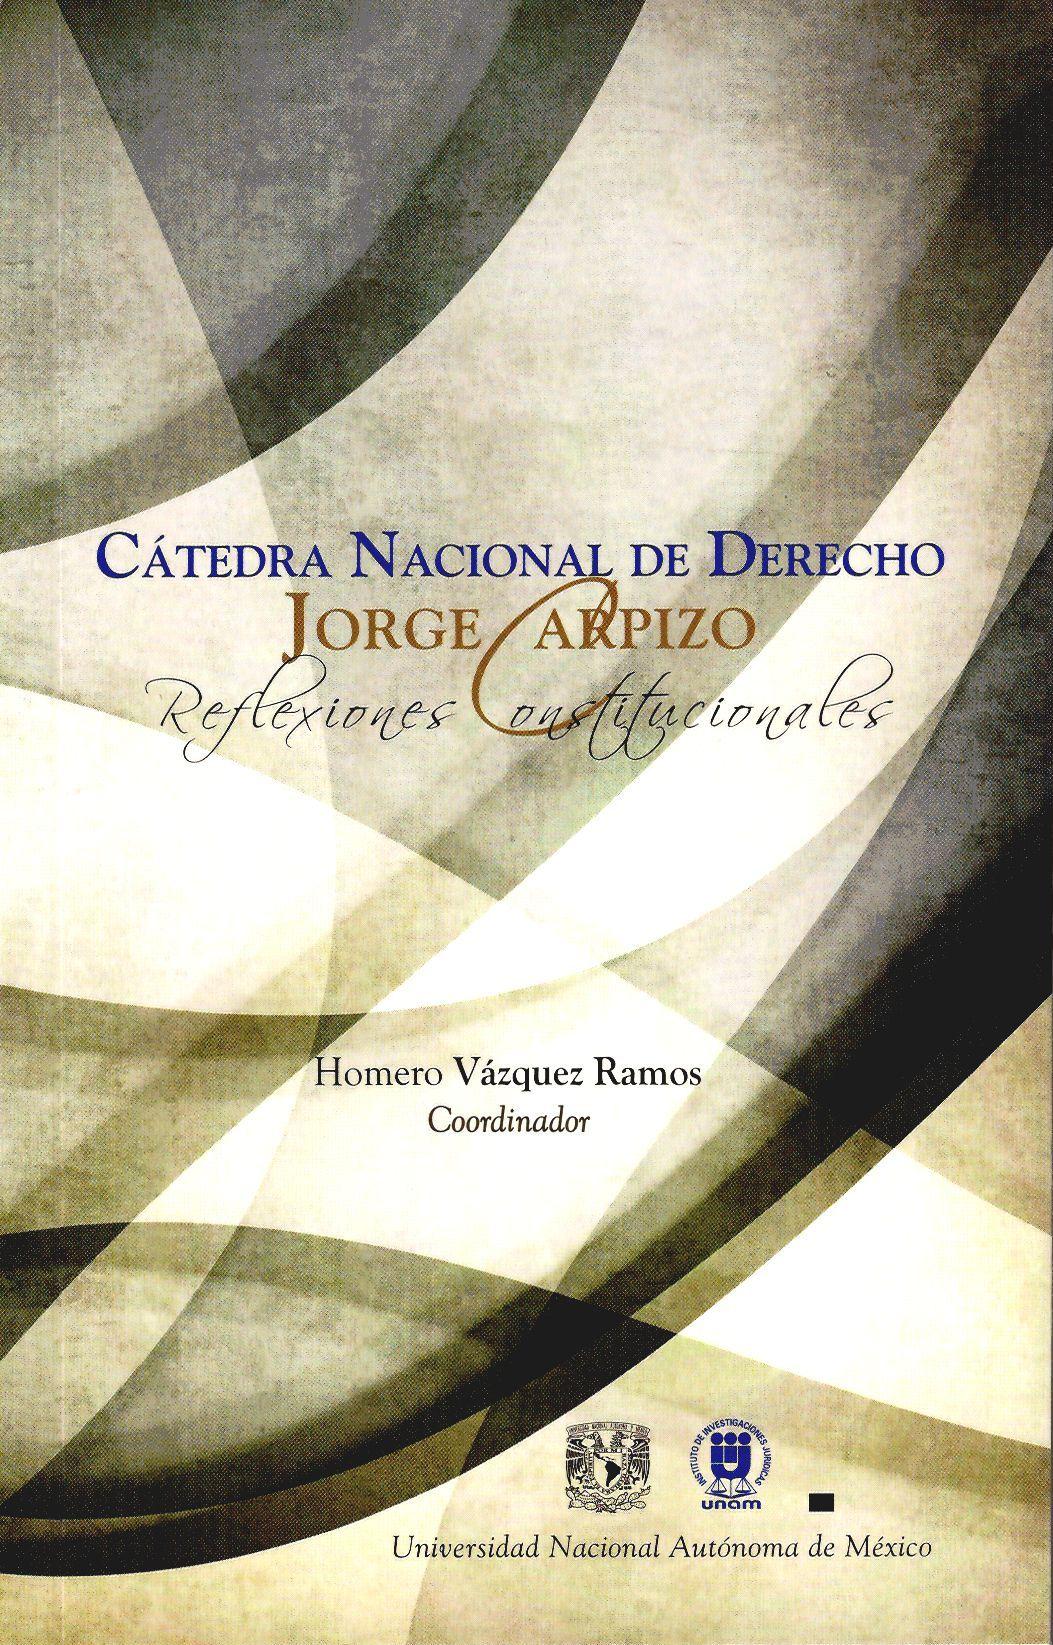 Cátedra Nacional de Derecho Jorge Carpizo, Reflexiones Constitucionales